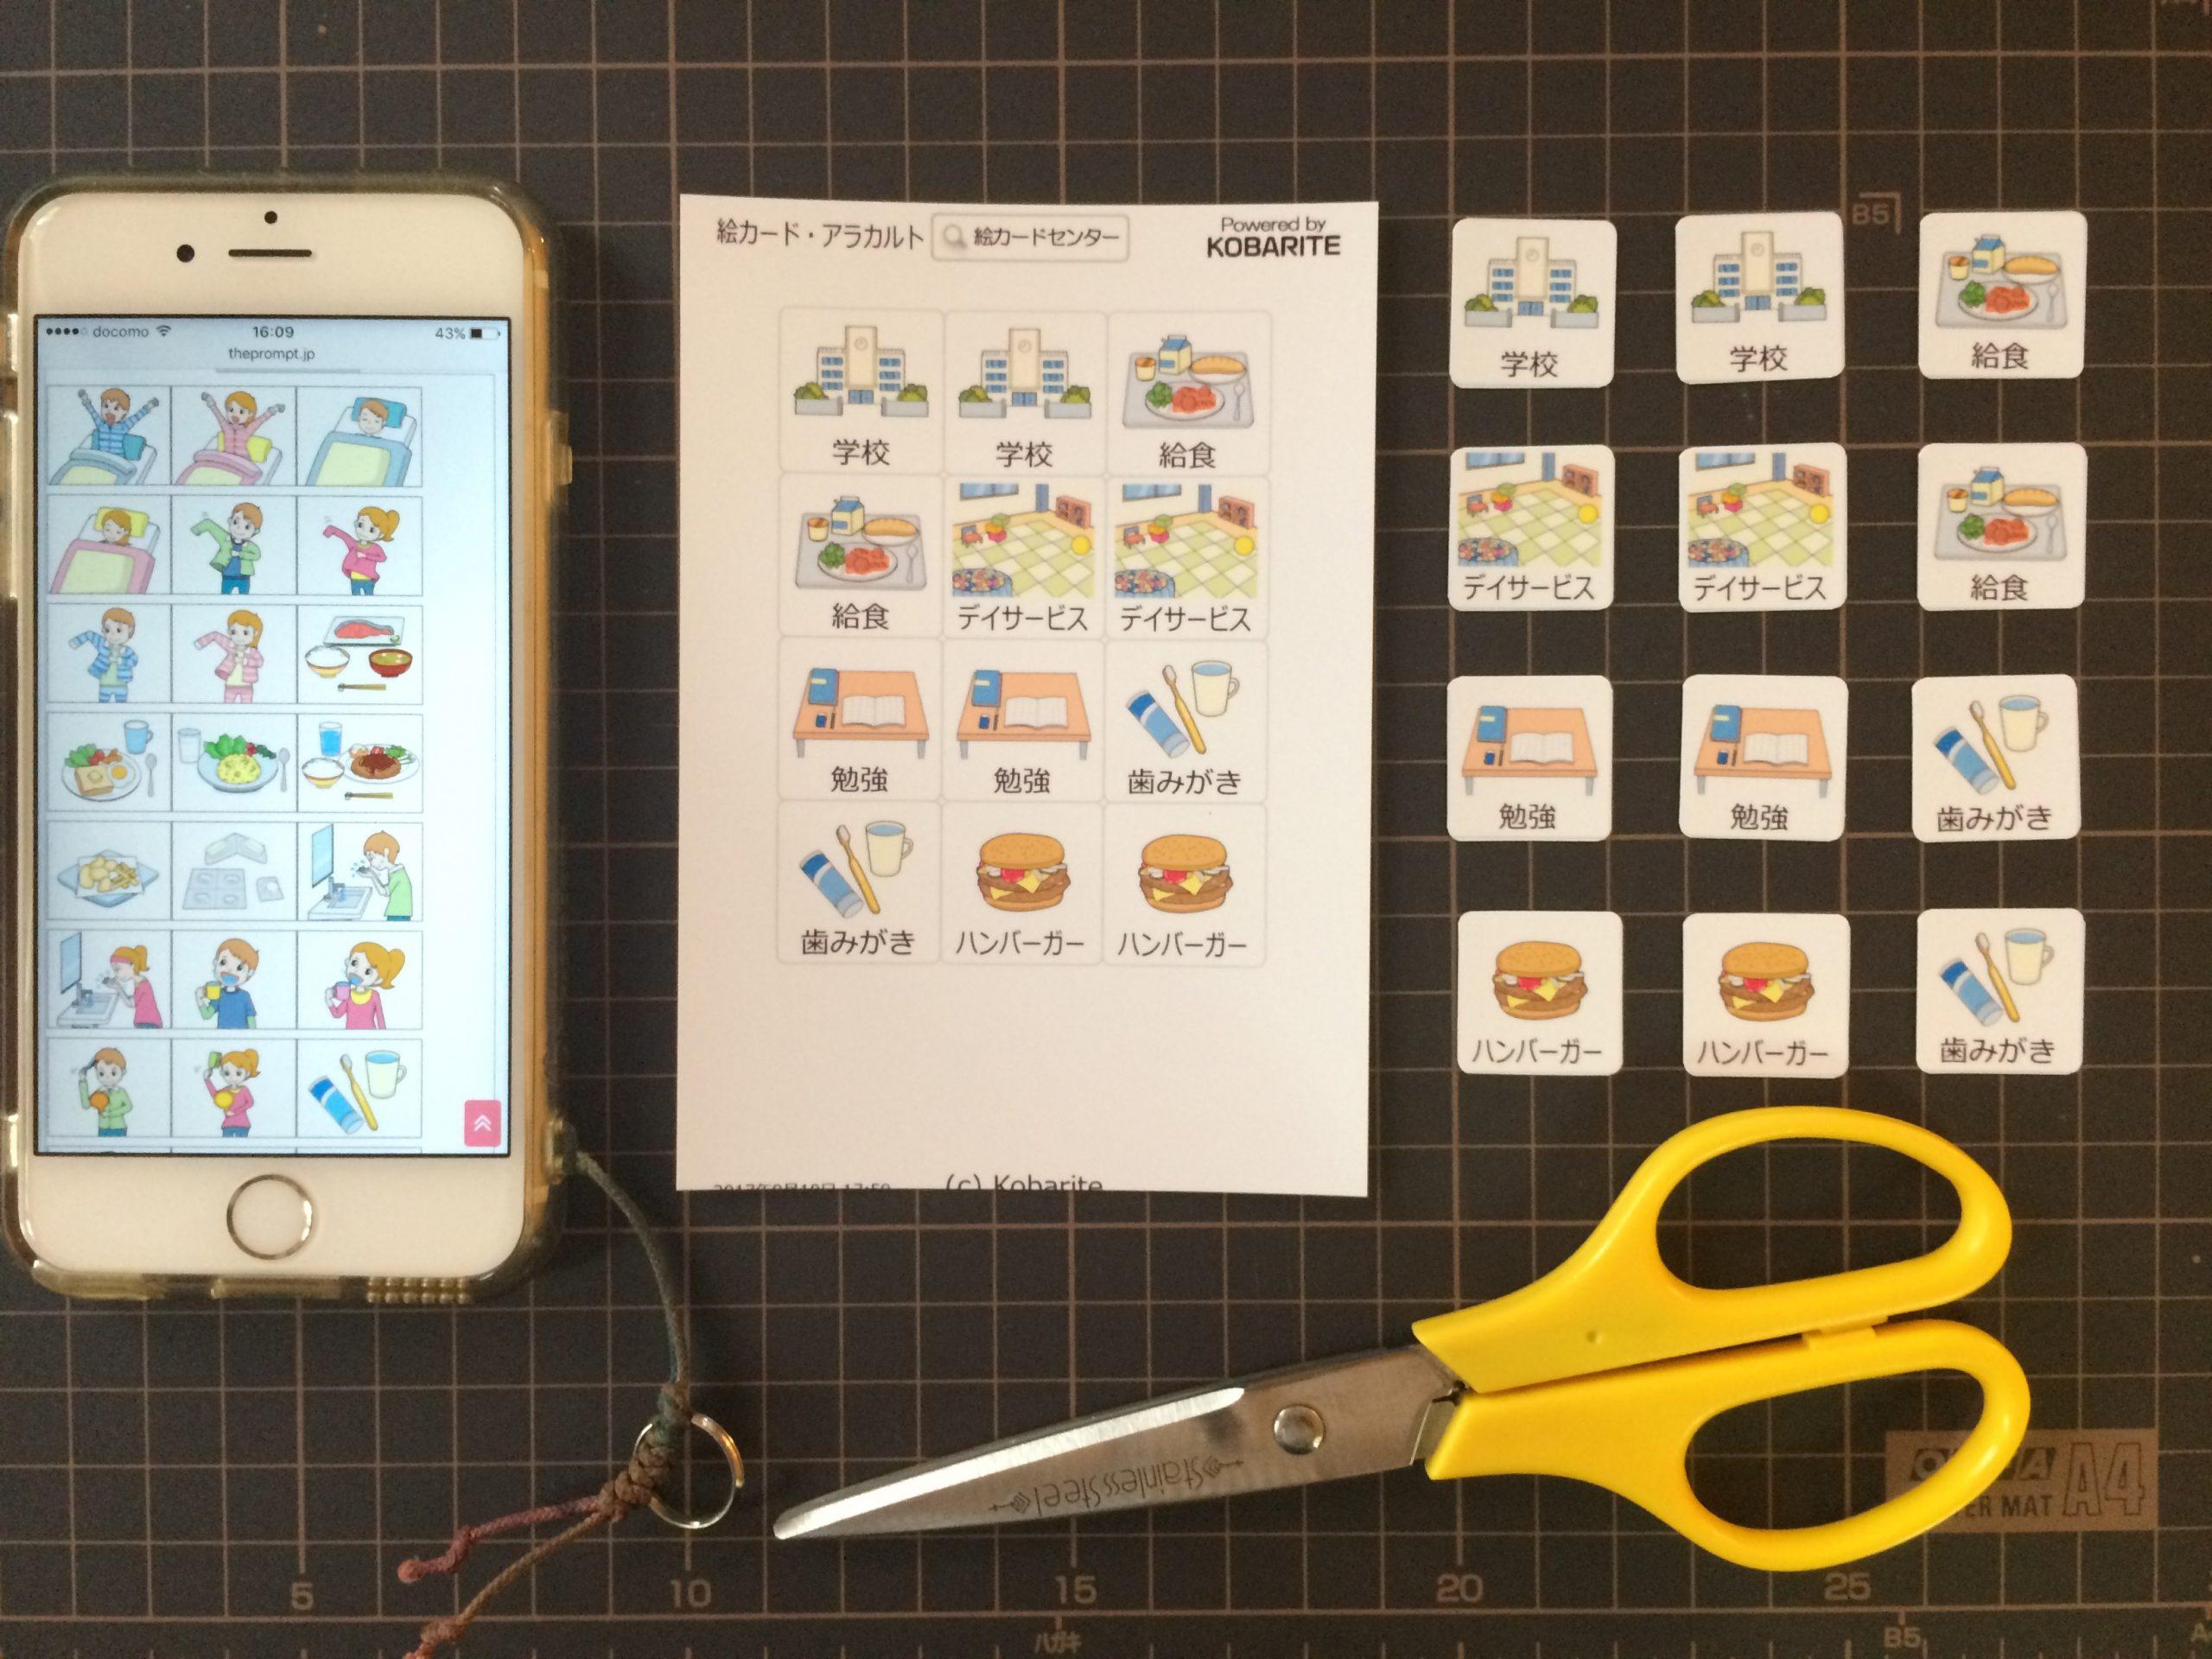 コバリテイラストでミニ絵カードを作る